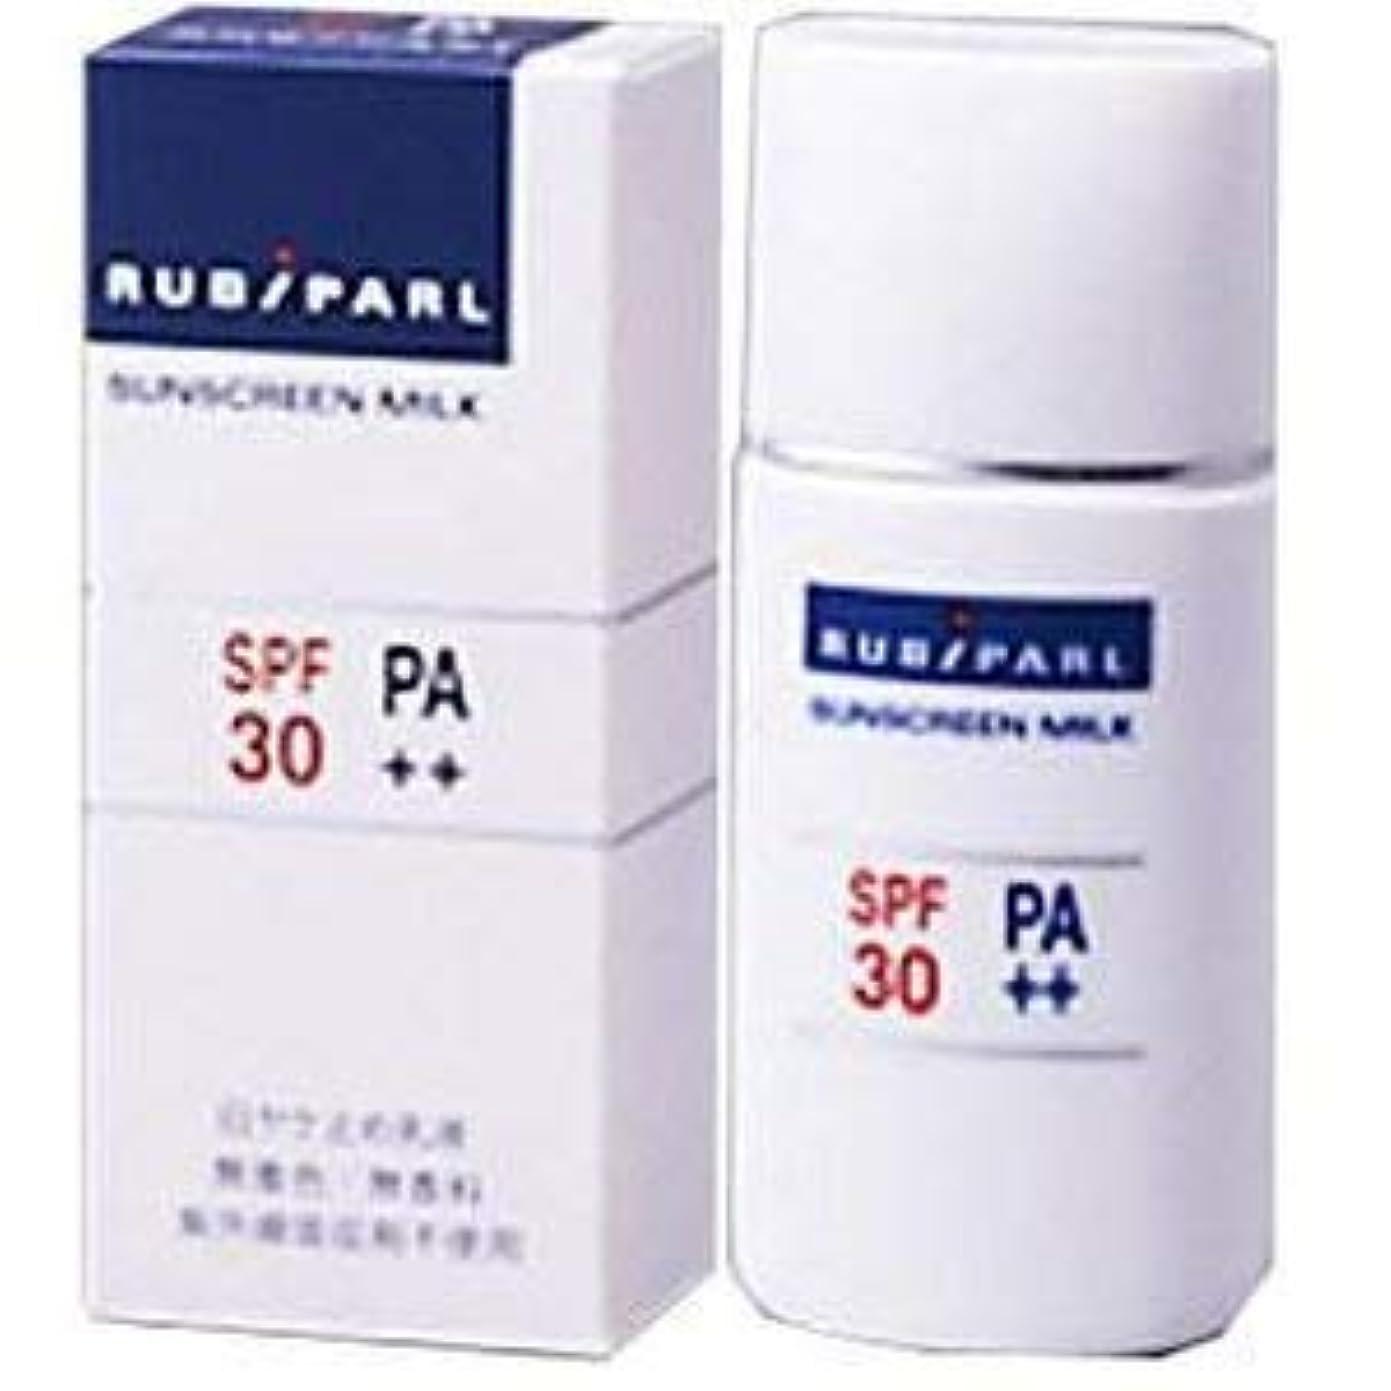 影のある慈悲深い入り口ルビパール サンスクリーンミルク 日ヤケ止め乳液 SPF30 PA++ 30mLx3個セット